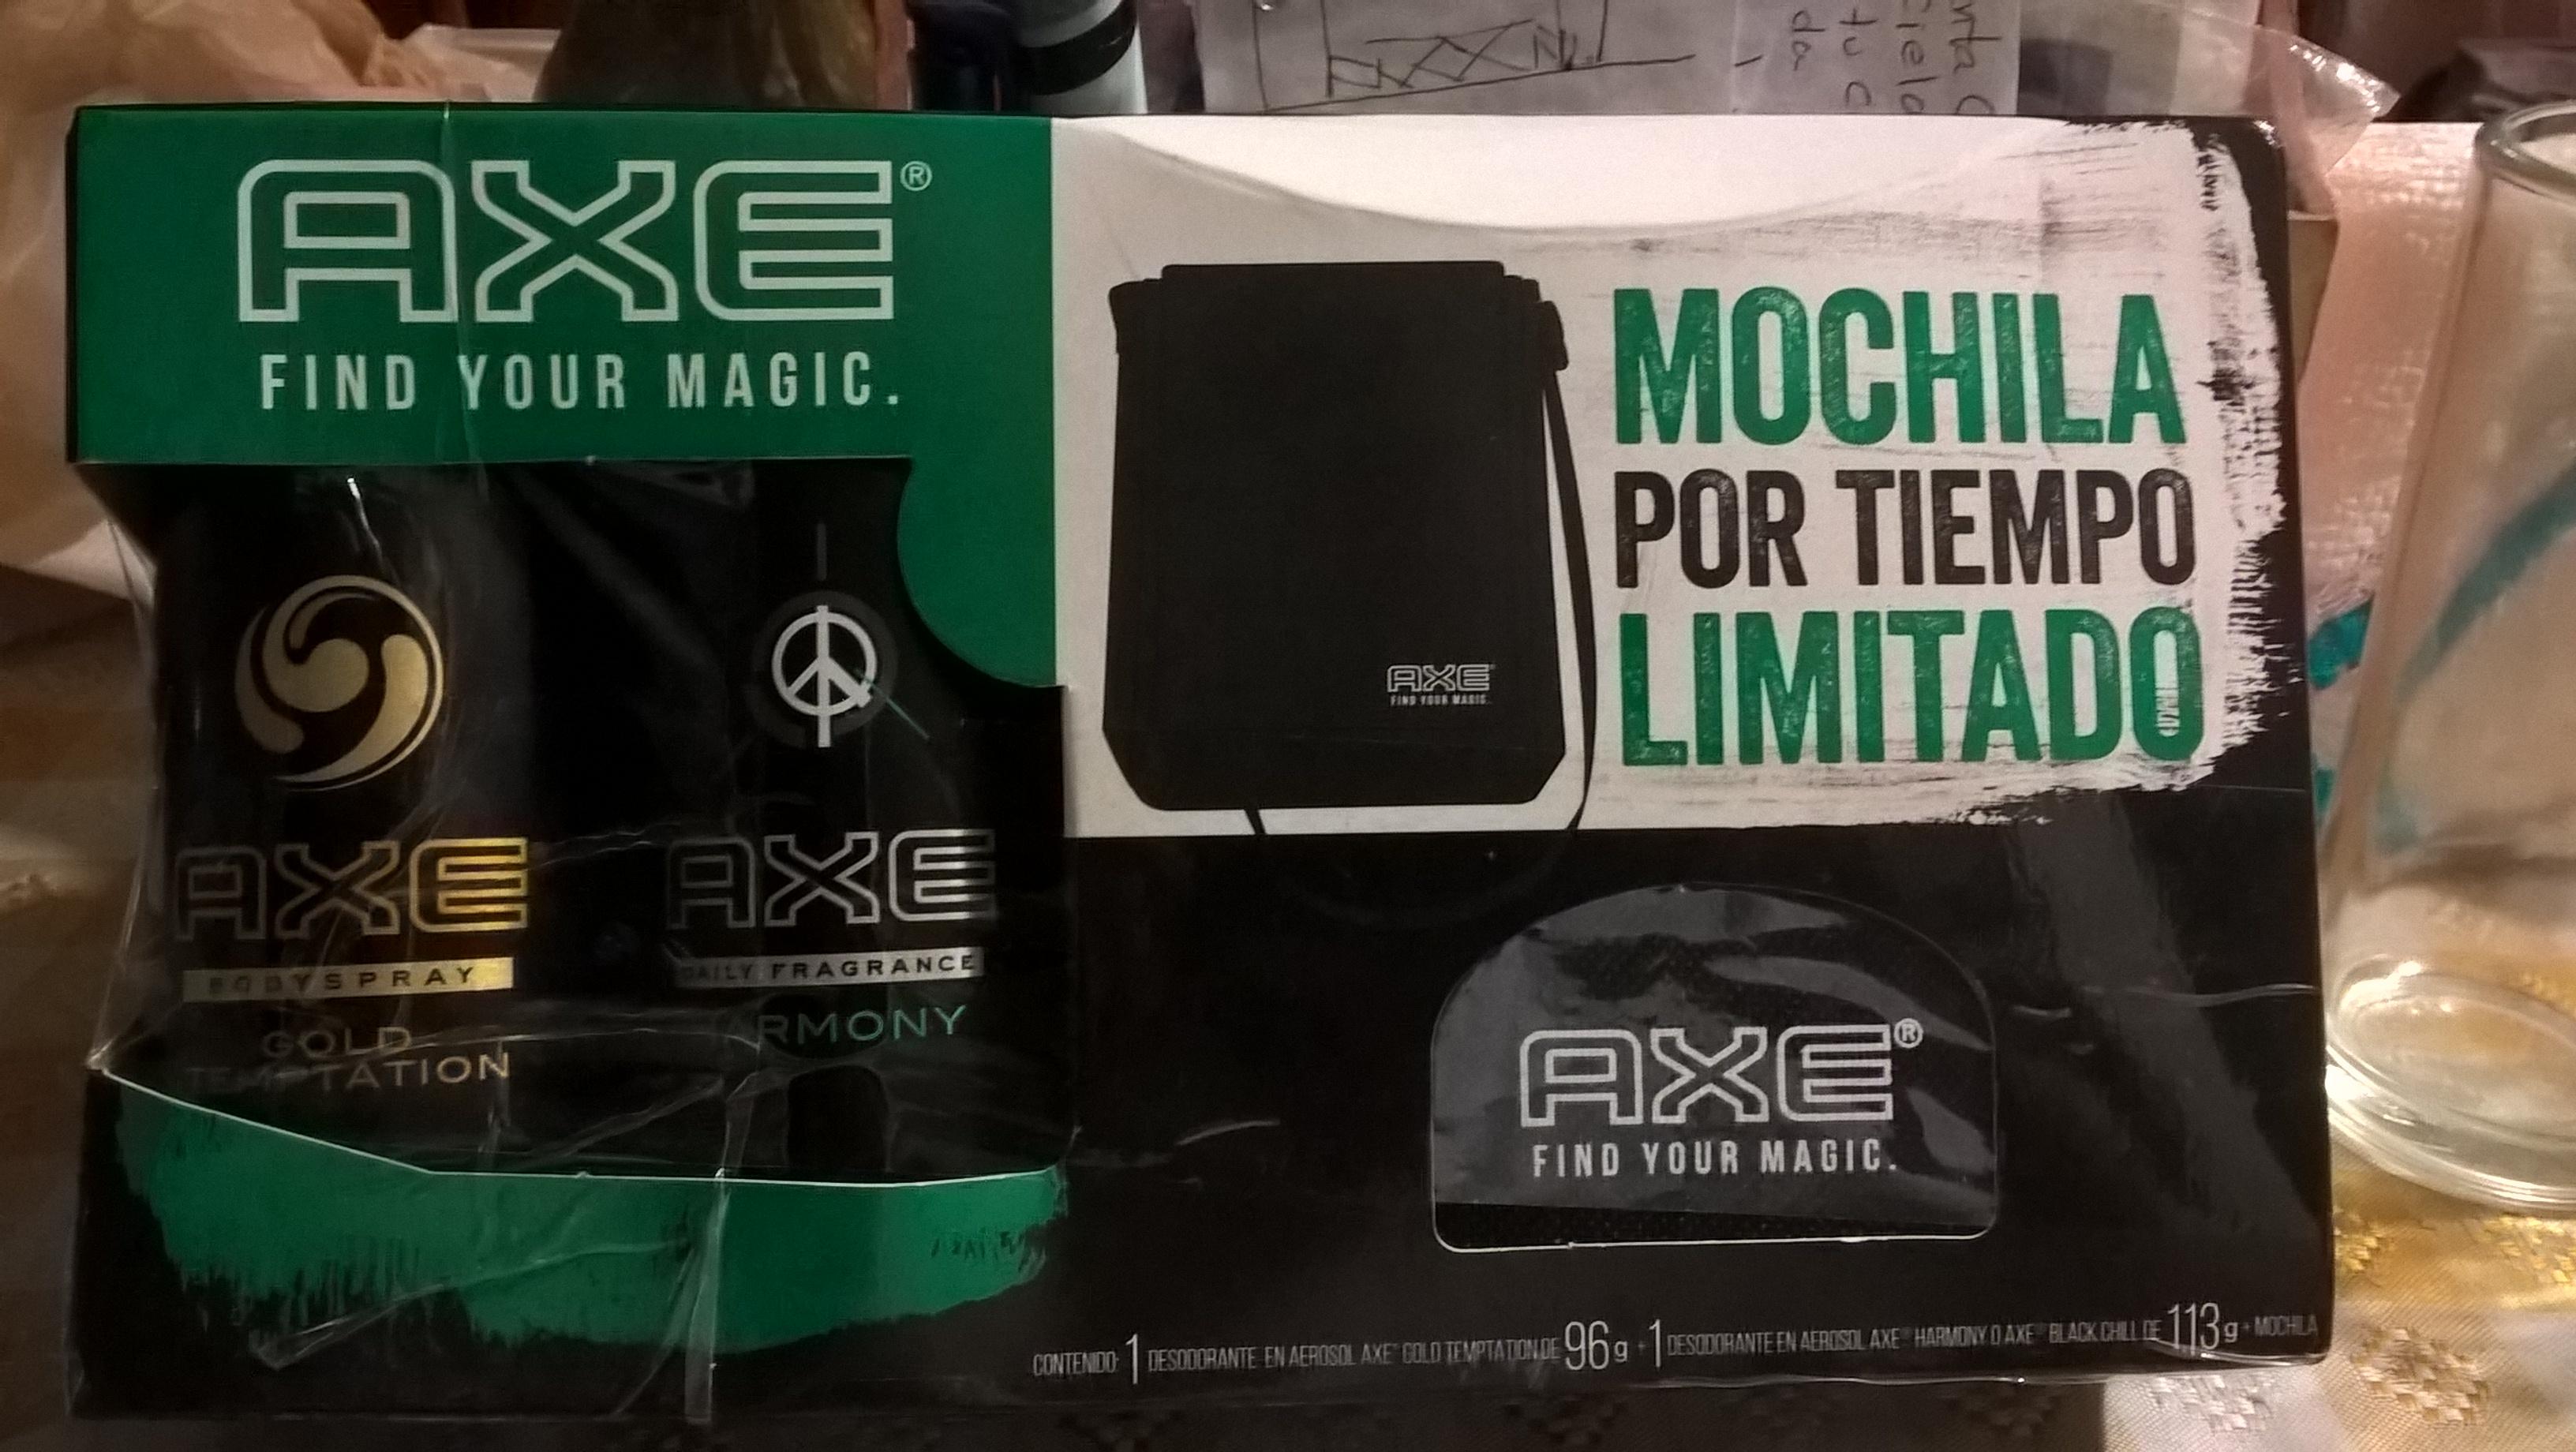 Mercado Soriana: Paquete 2 desodorantes Axe + Mochila a $85